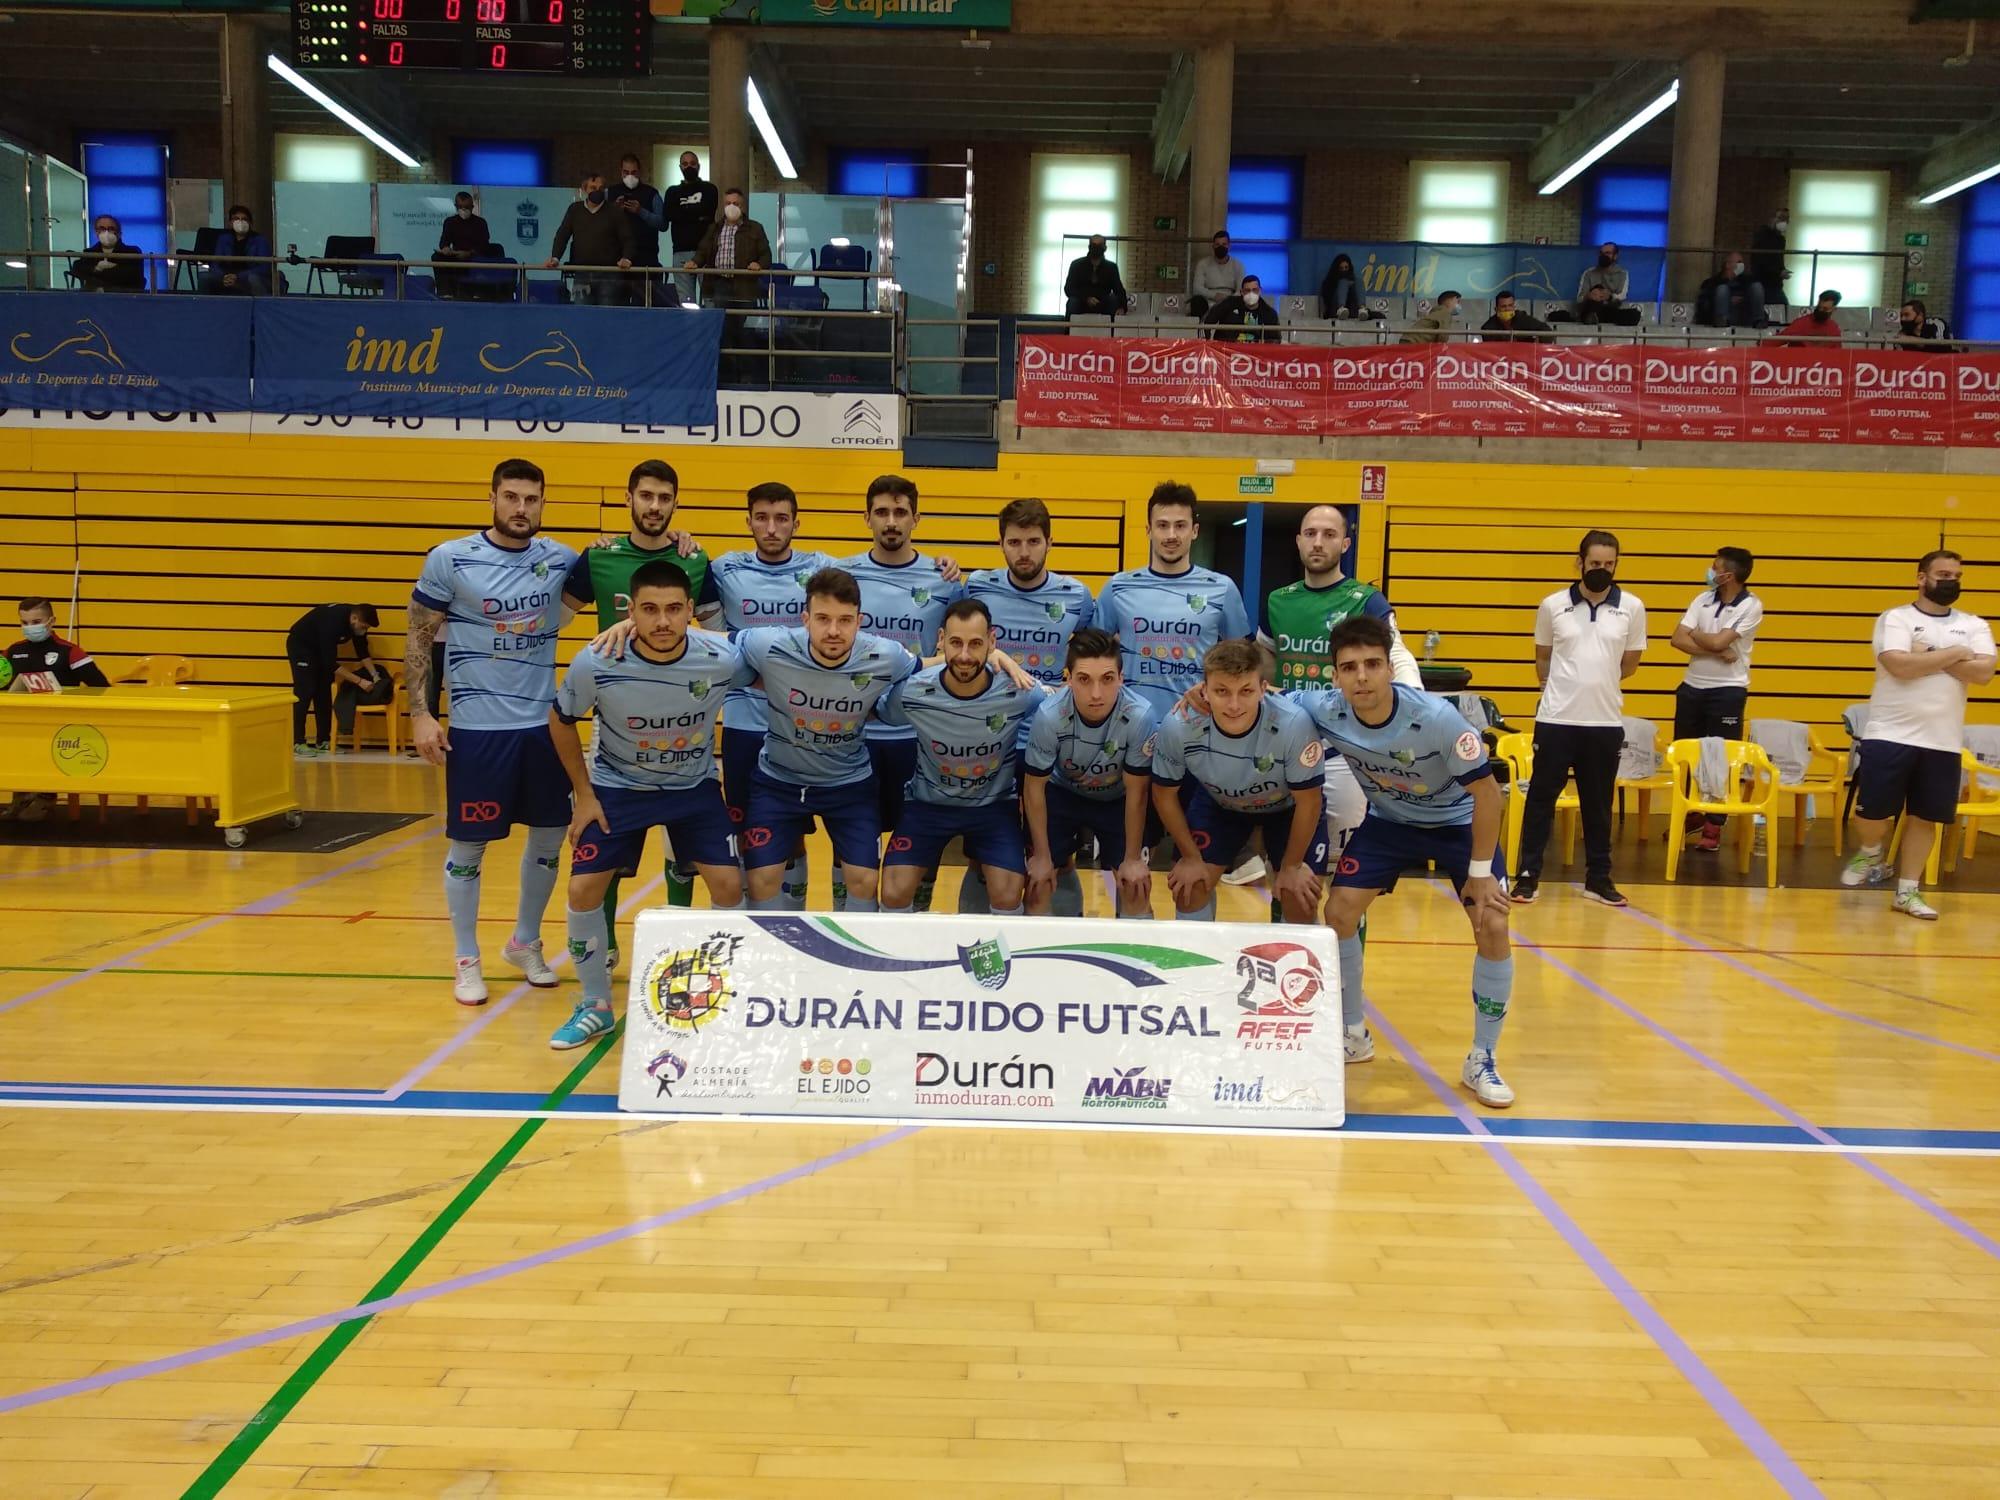 La suerte esquiva a Durán Ejido Futsal para culminar la remontada ante Noia